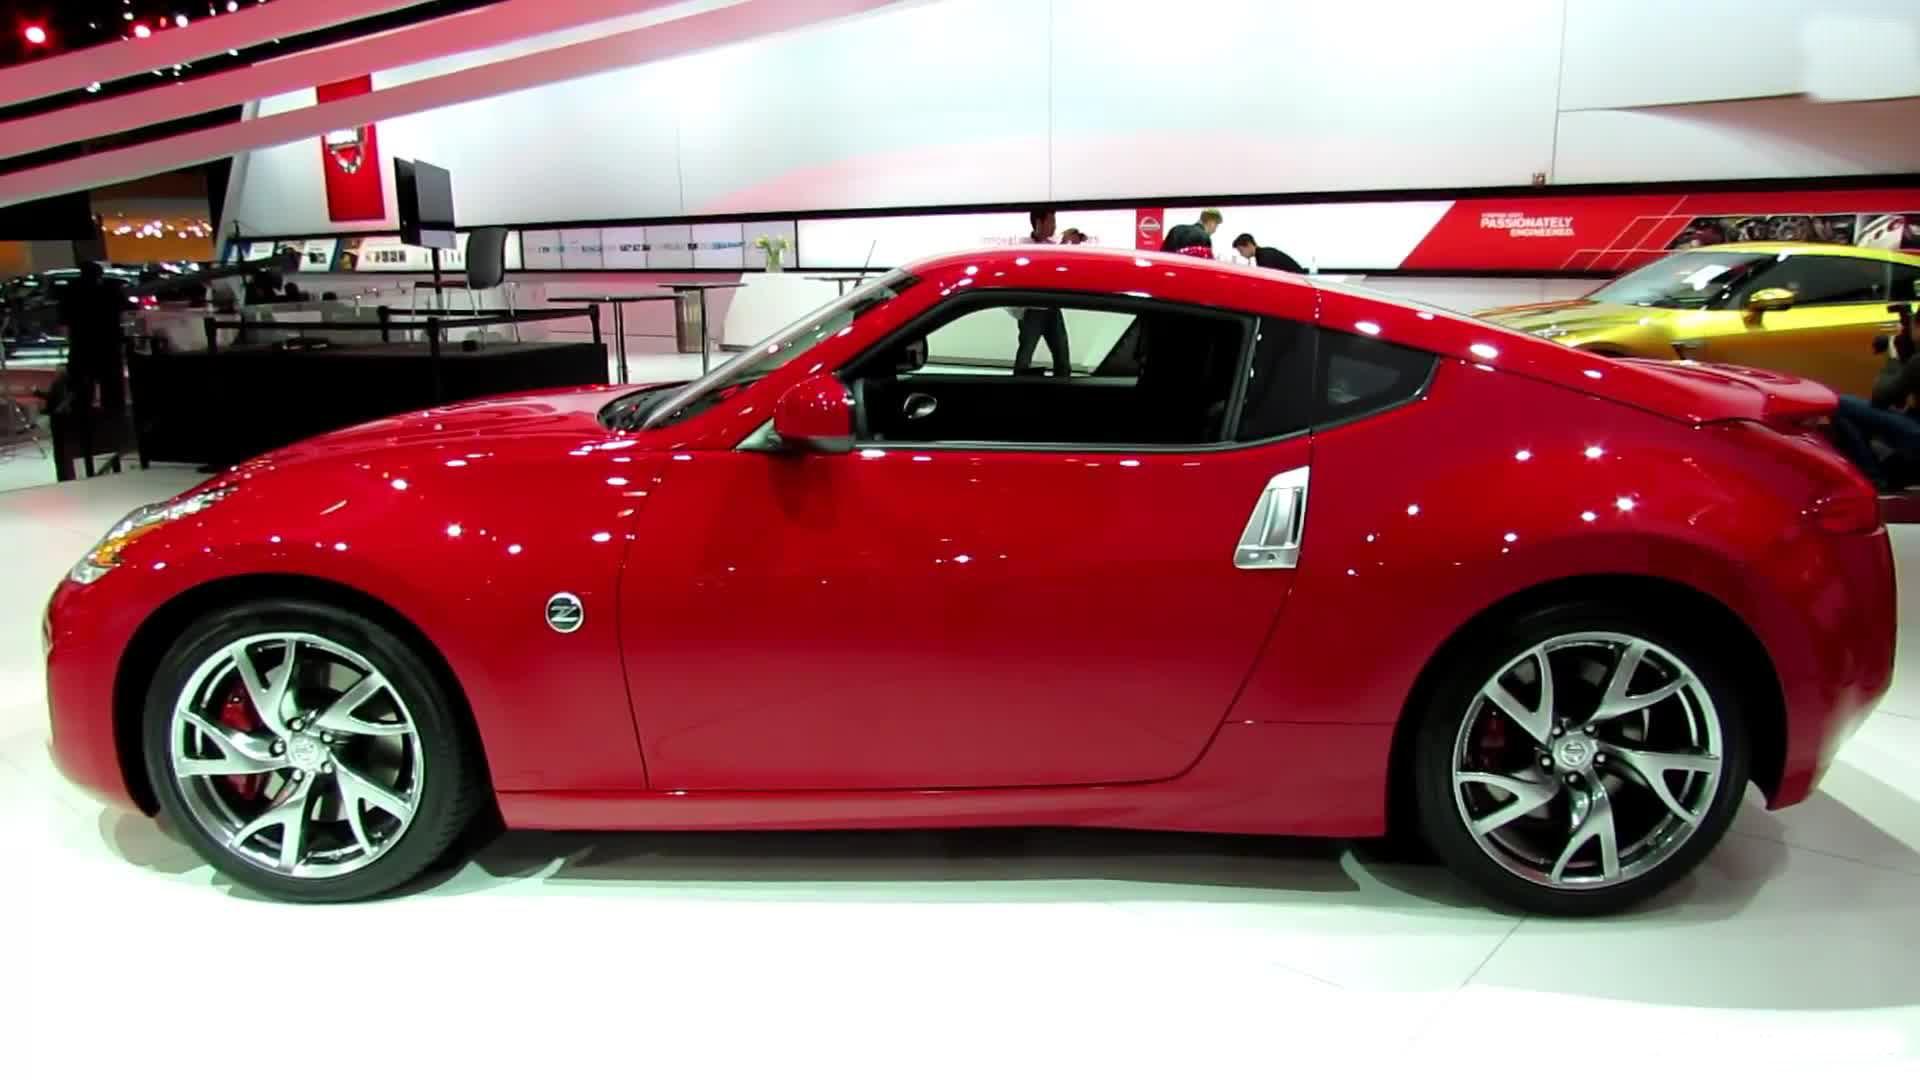 2014 Nissan 370Z #10 Nissan 370Z #10